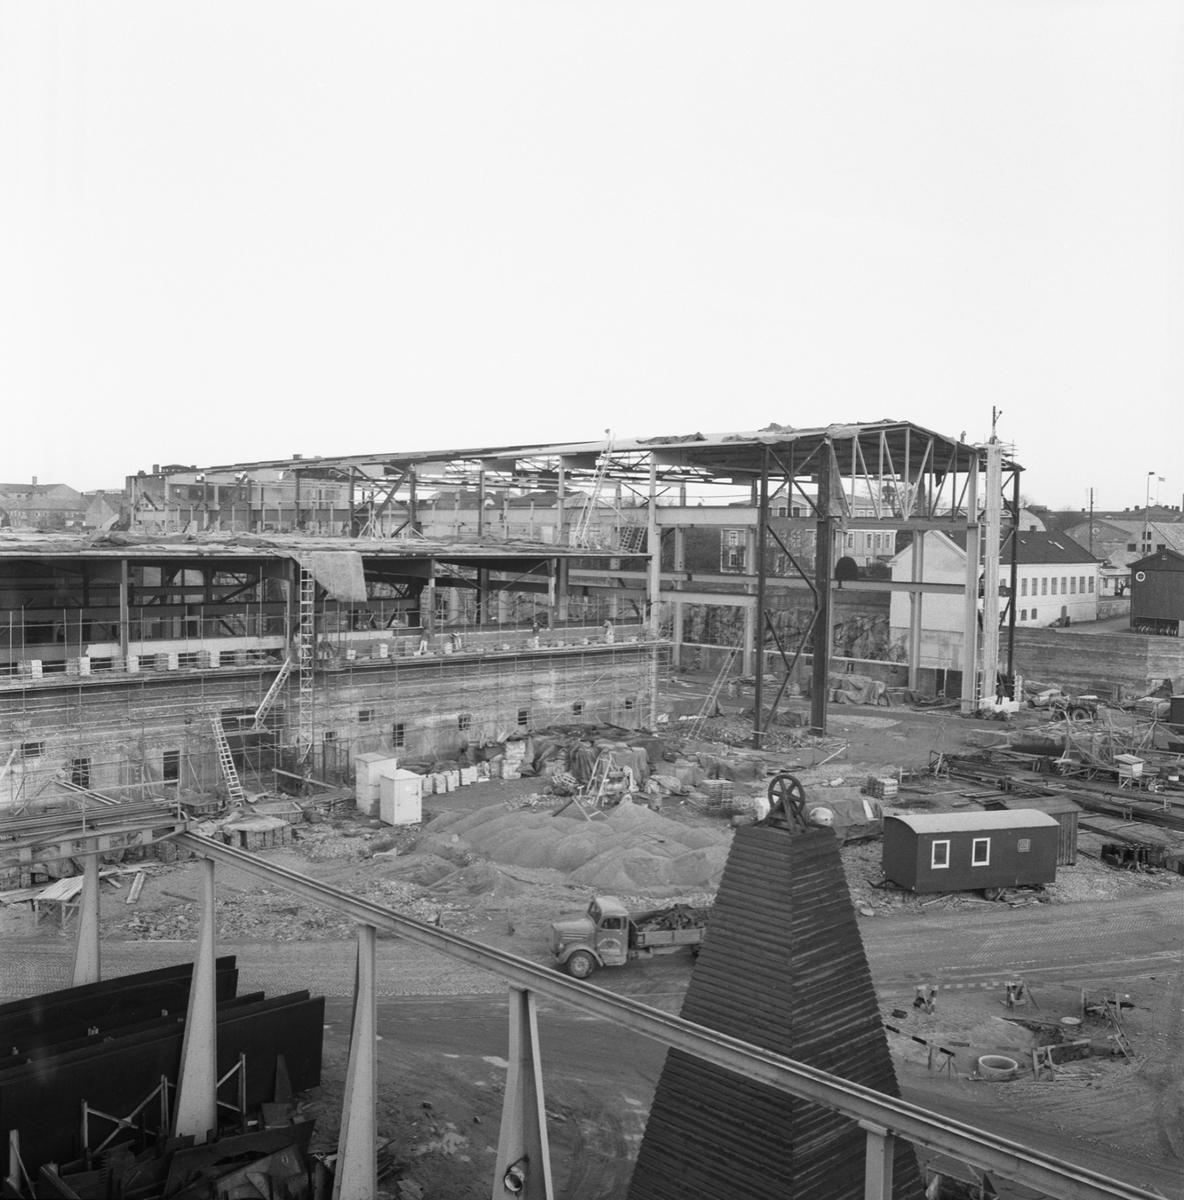 Övrigt: Fotodatum:30/11 1962. Byggnader och Kranar. nyb området plåtverkstan